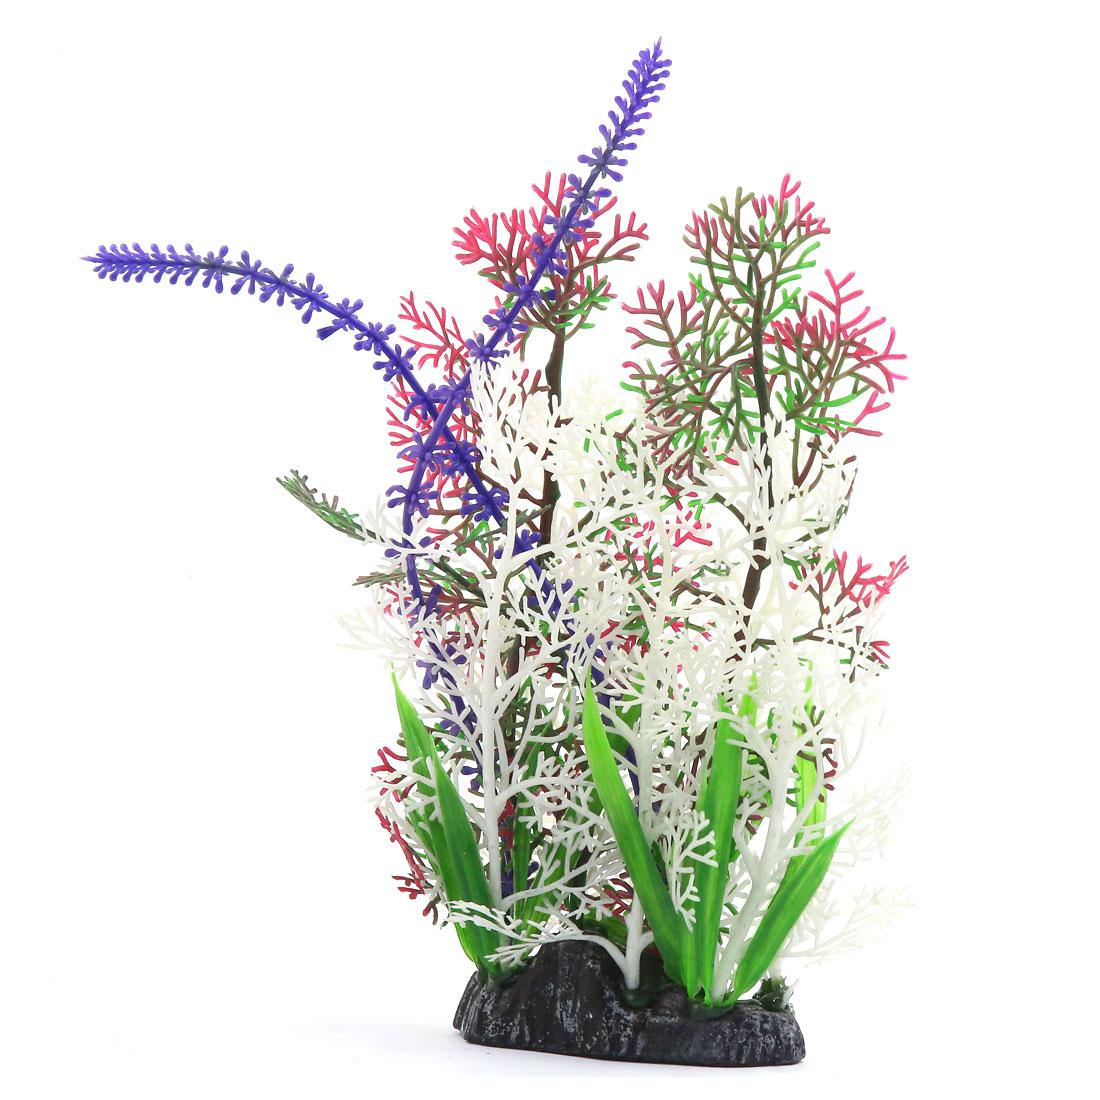 Multi-couleur Plante en plastique Paysage aquatique Décoration d'aquarium 3